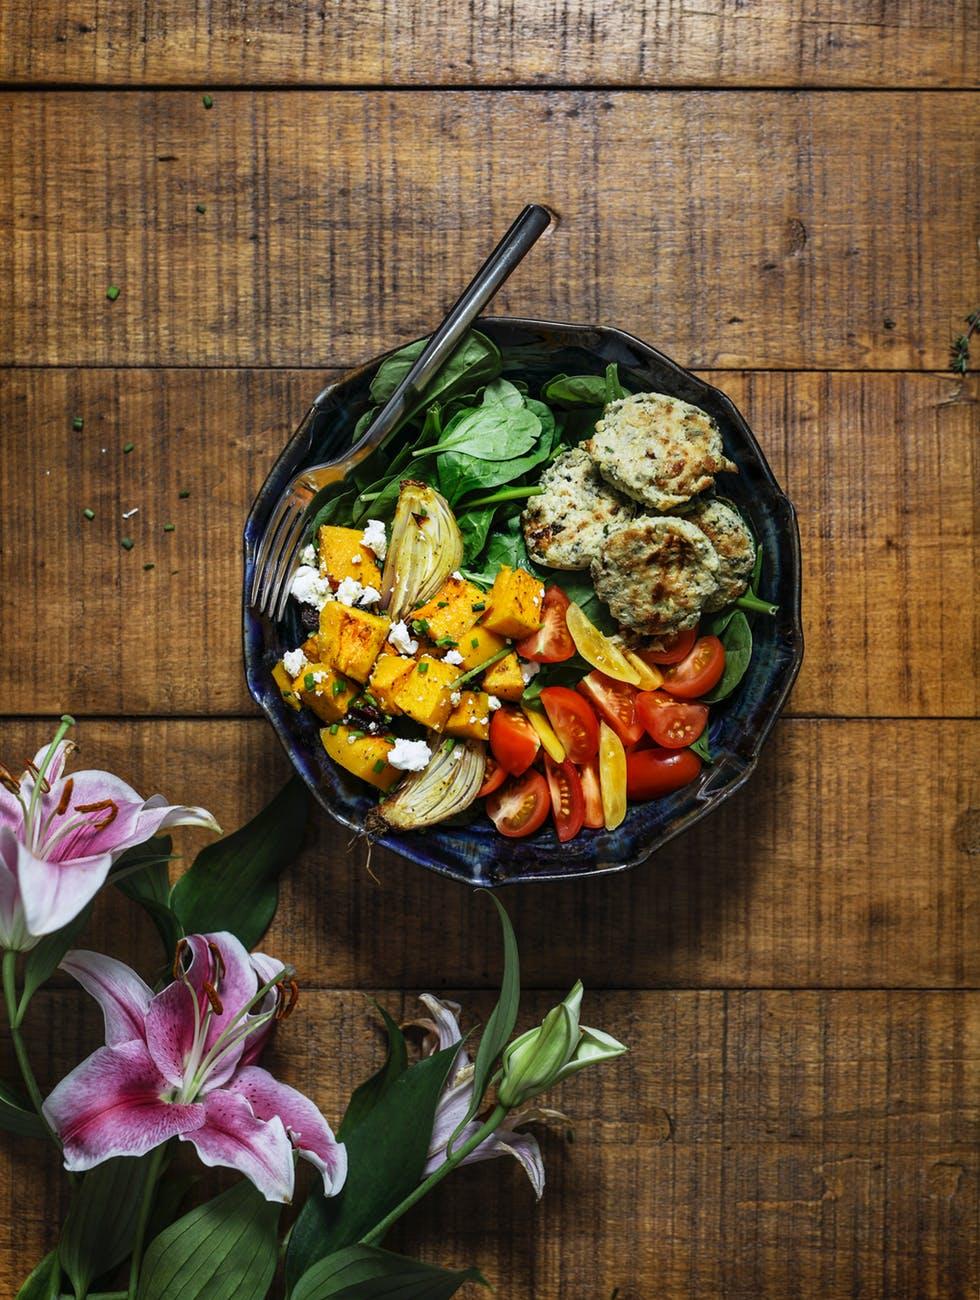 ideas de comidas de verano faciles y rapidas, ensalada de batatas, albóndigas vegetarianas de calabacines, espinacas, cebolla y tomates cherry